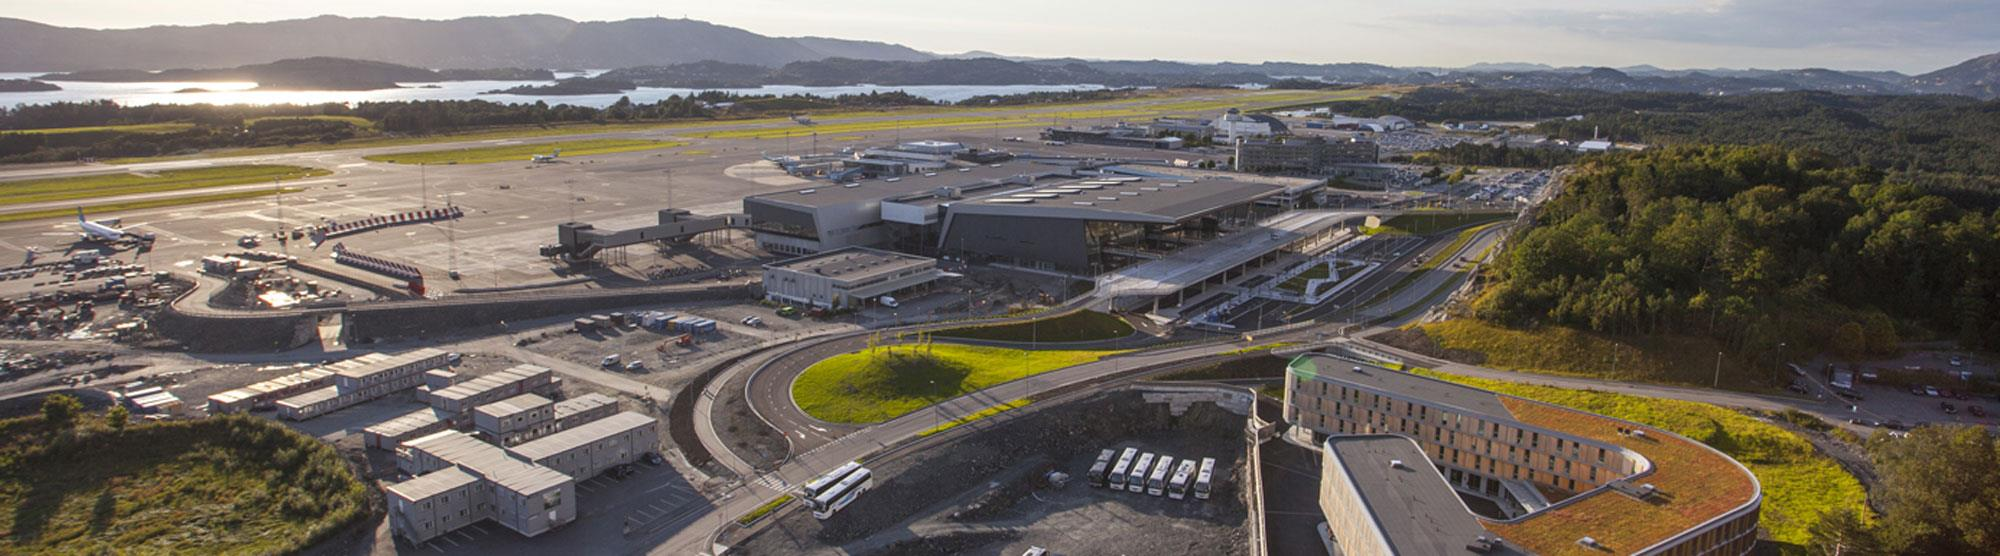 Flughafen Bergen Flesland - Stadtmitte von Bergen